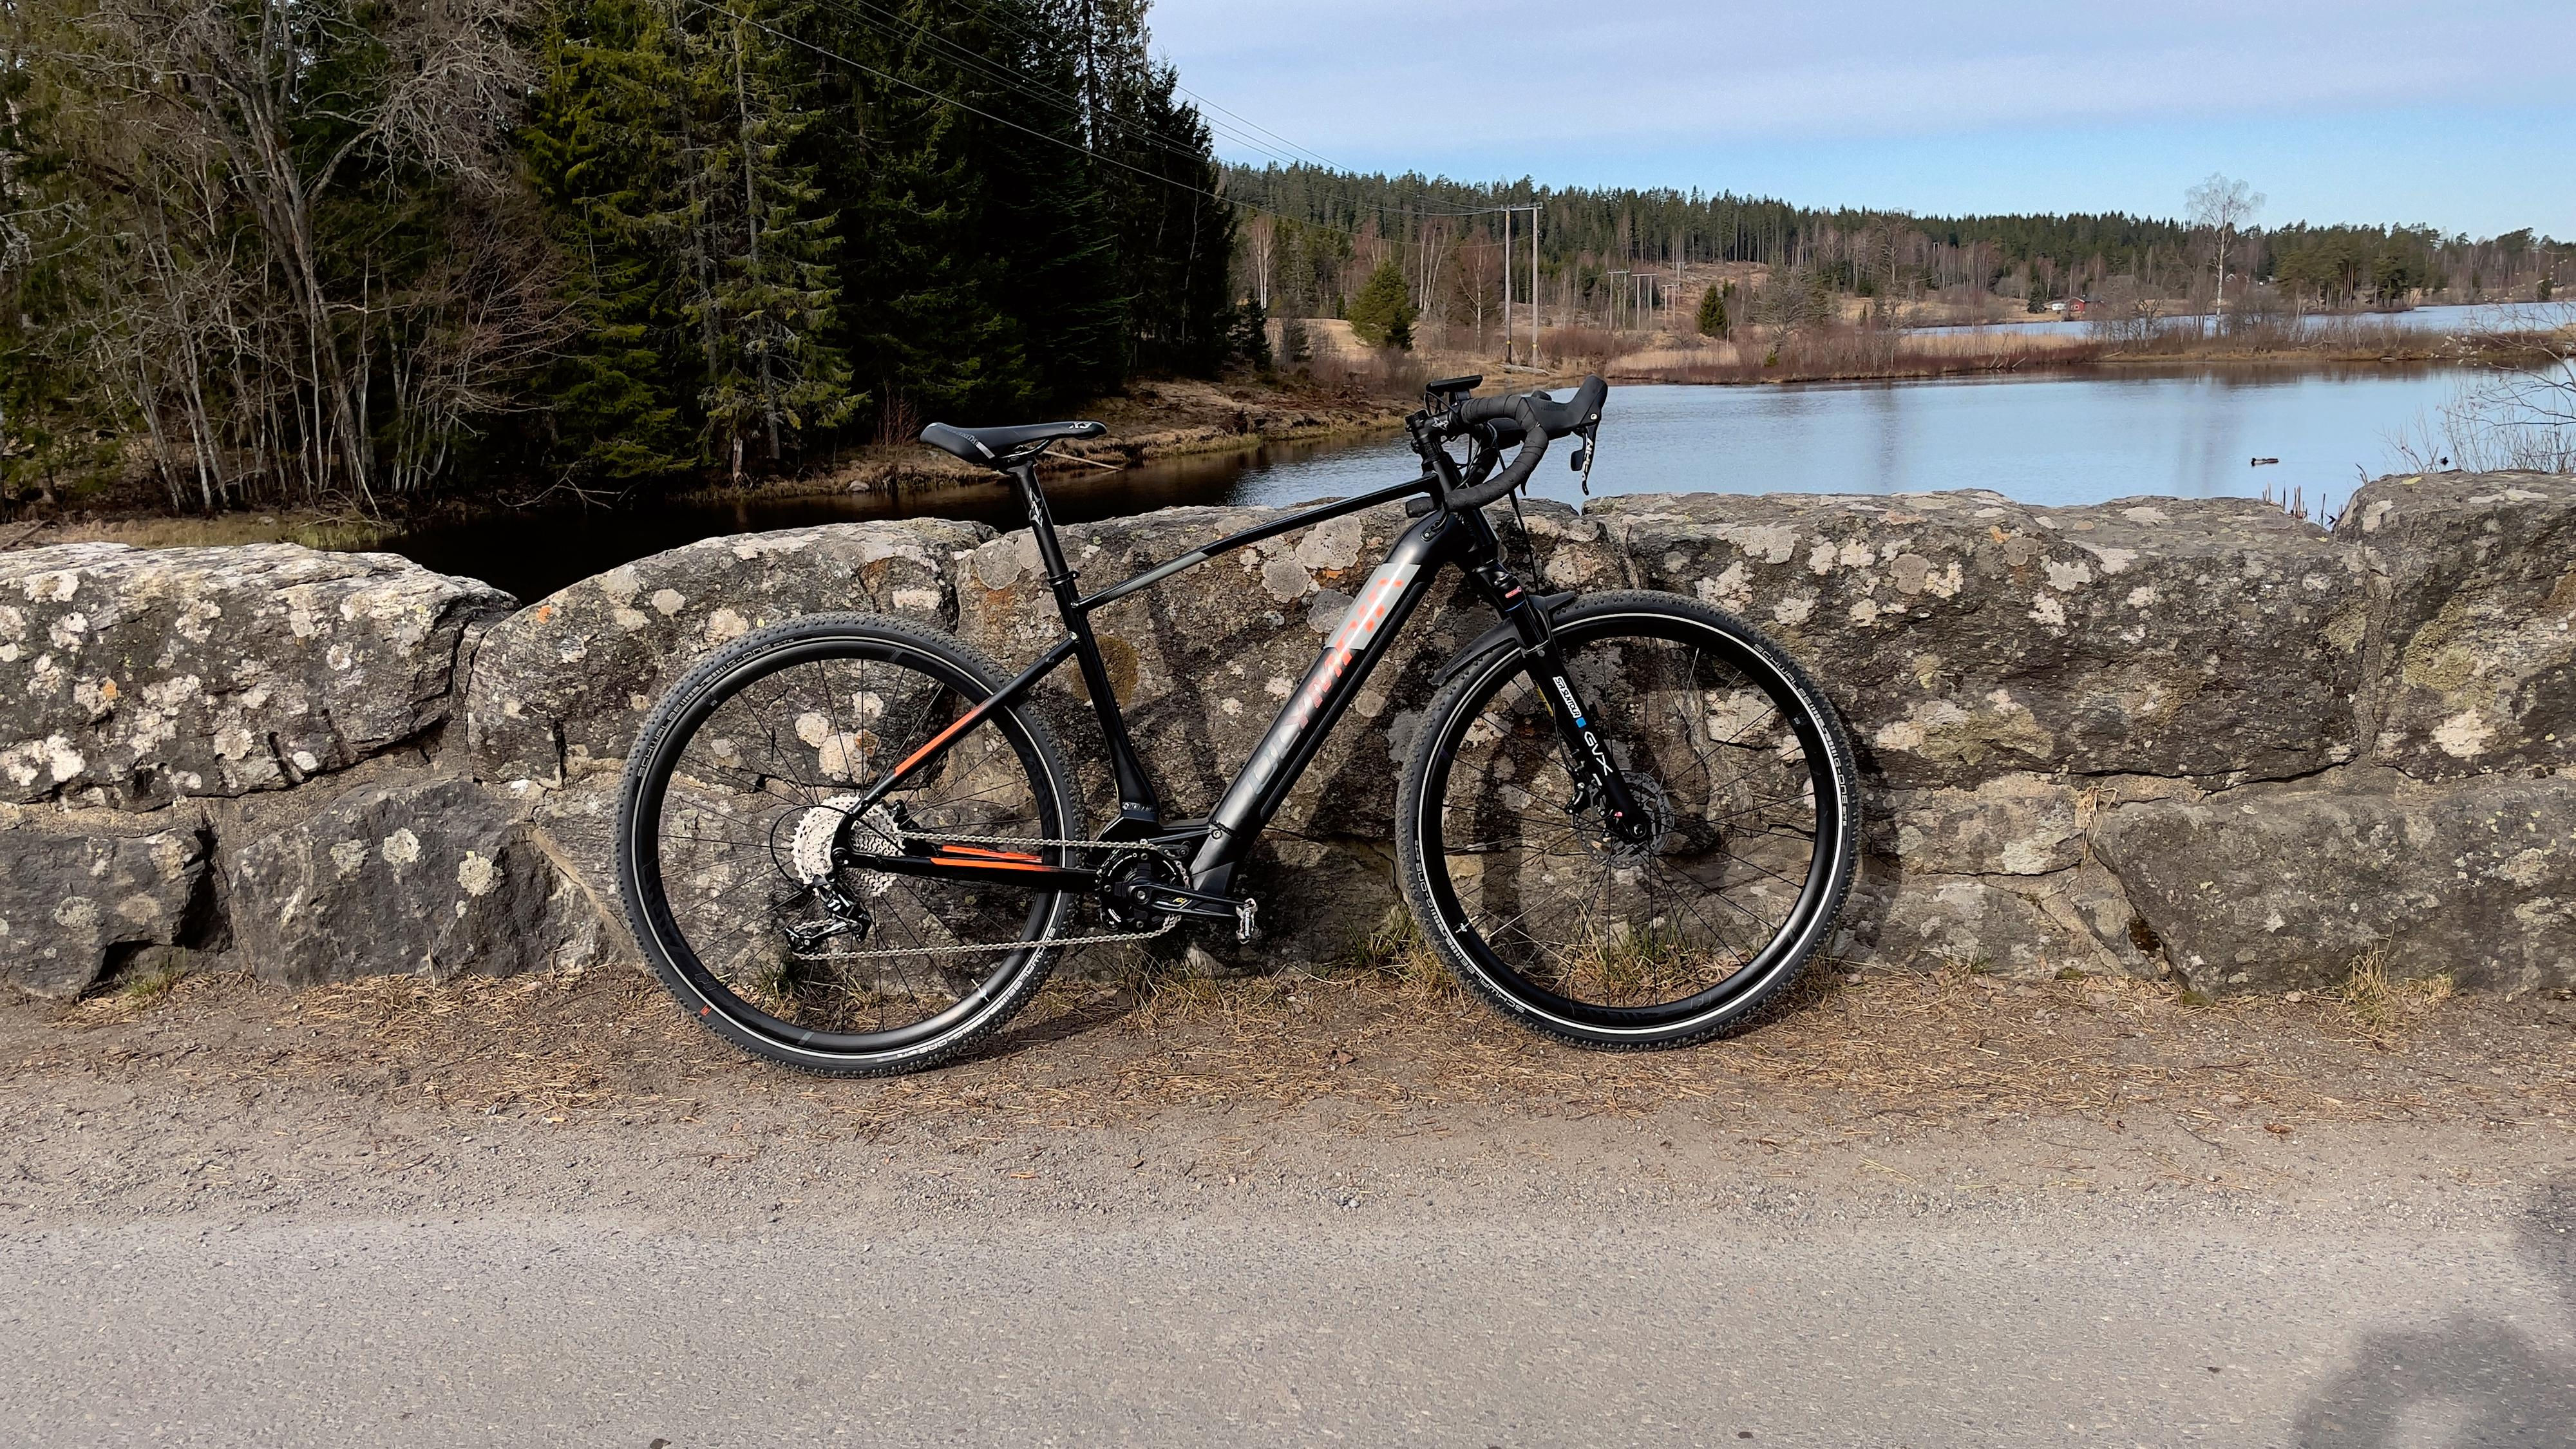 Resten av sykkelen var kurant under vår testperiode.